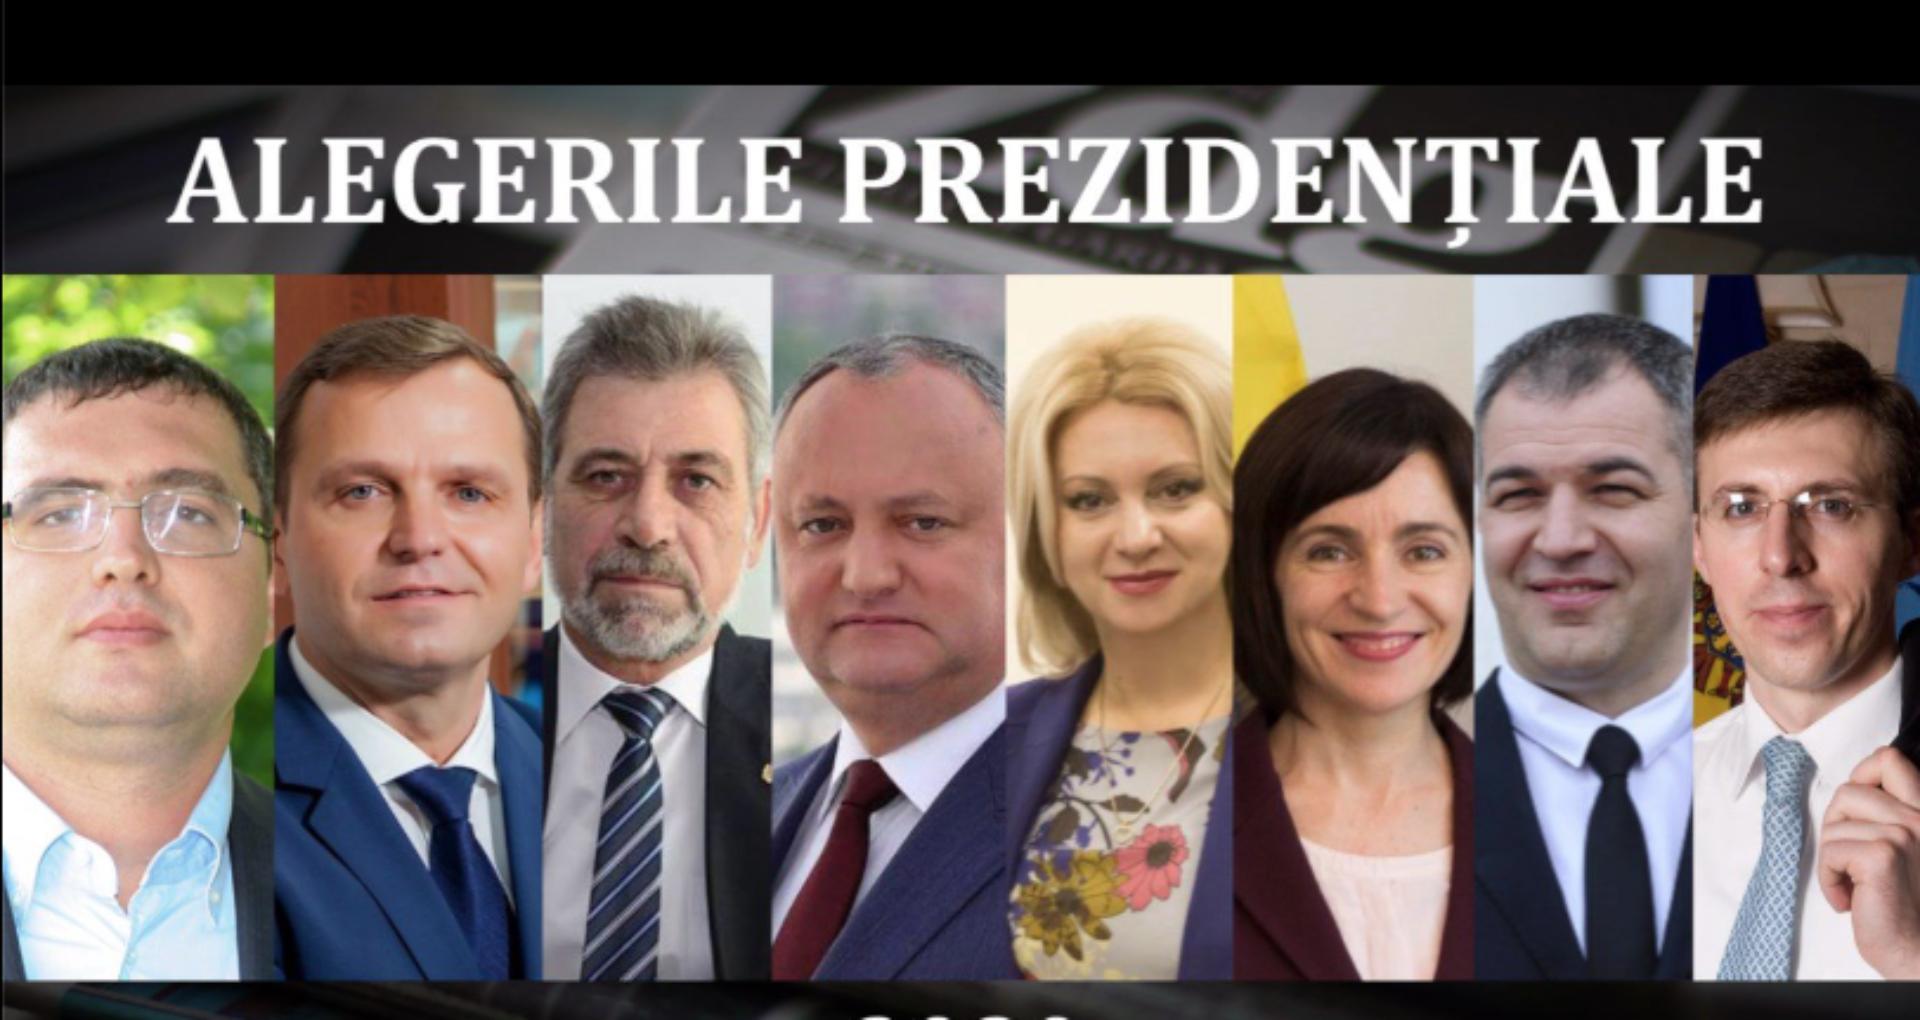 LIVE UPDATE/ Alegeri prezidențiale în R. Moldova: Igor Dodon și Maia Sandu – în turul 2. Diferență de 3% între cei doi